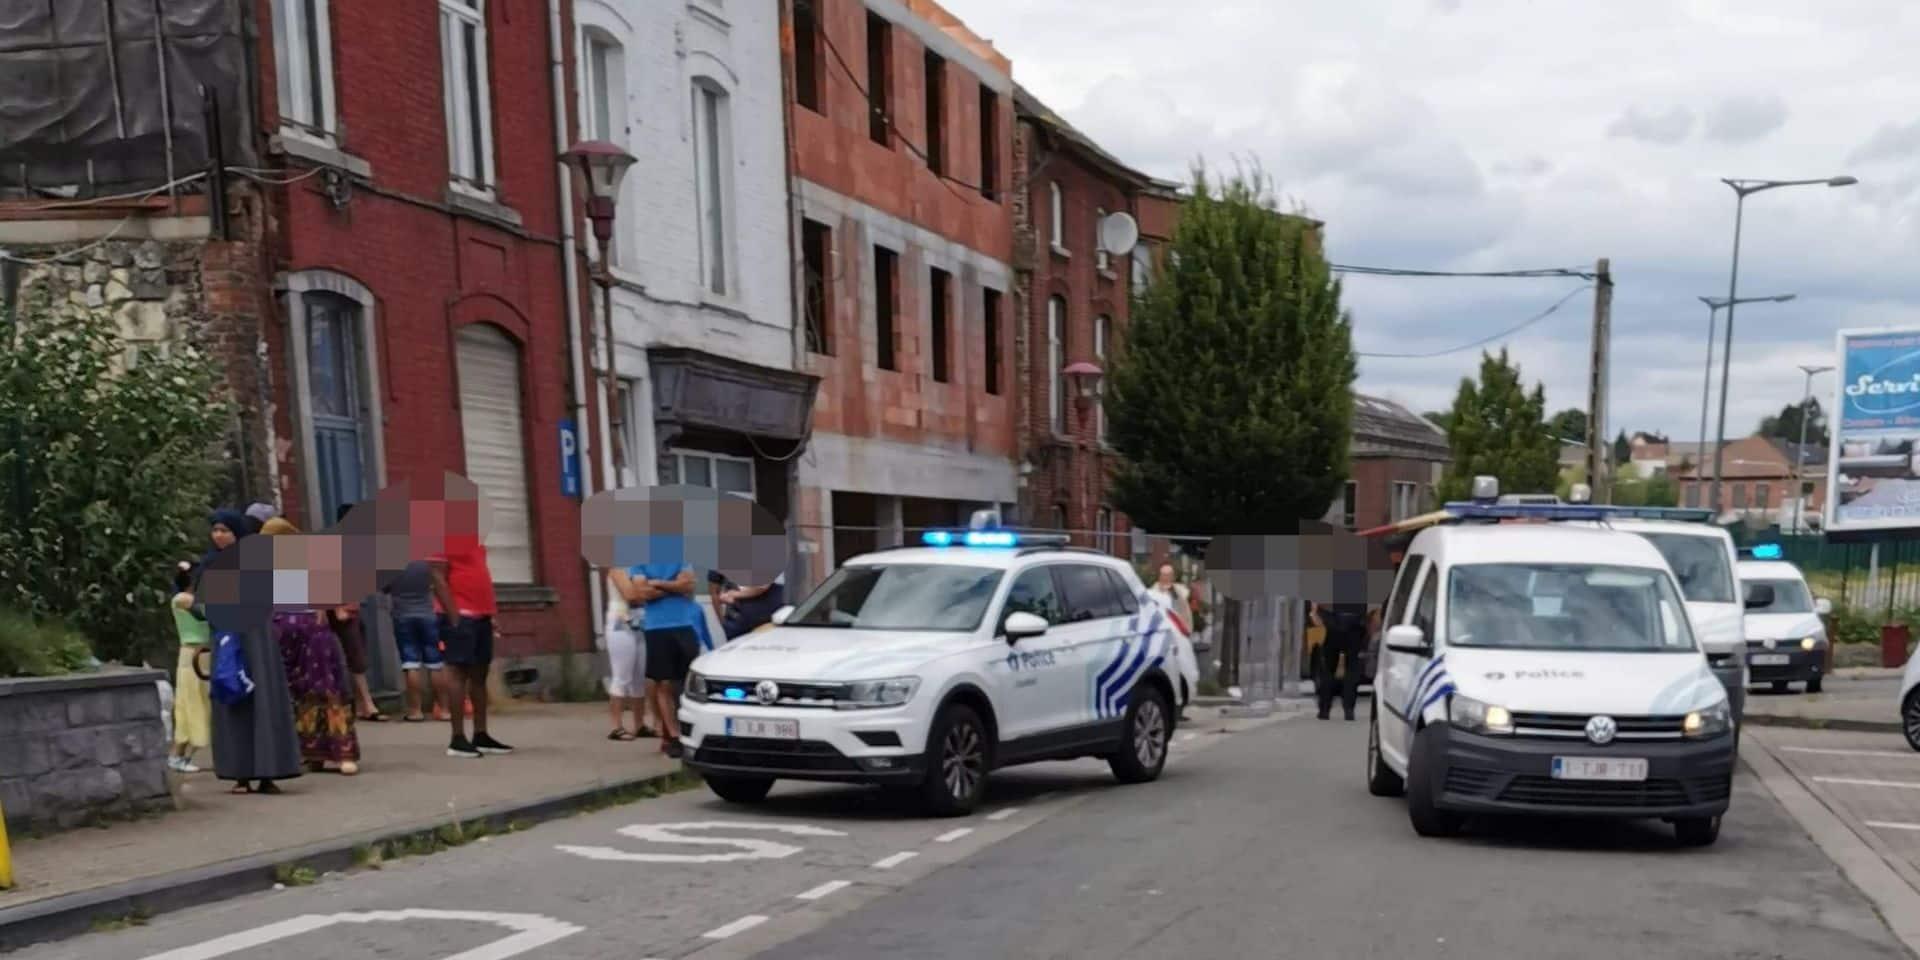 Coup de couteau à Marchienne-au-Pont: poursuivi par des témoins et interpellé par la police